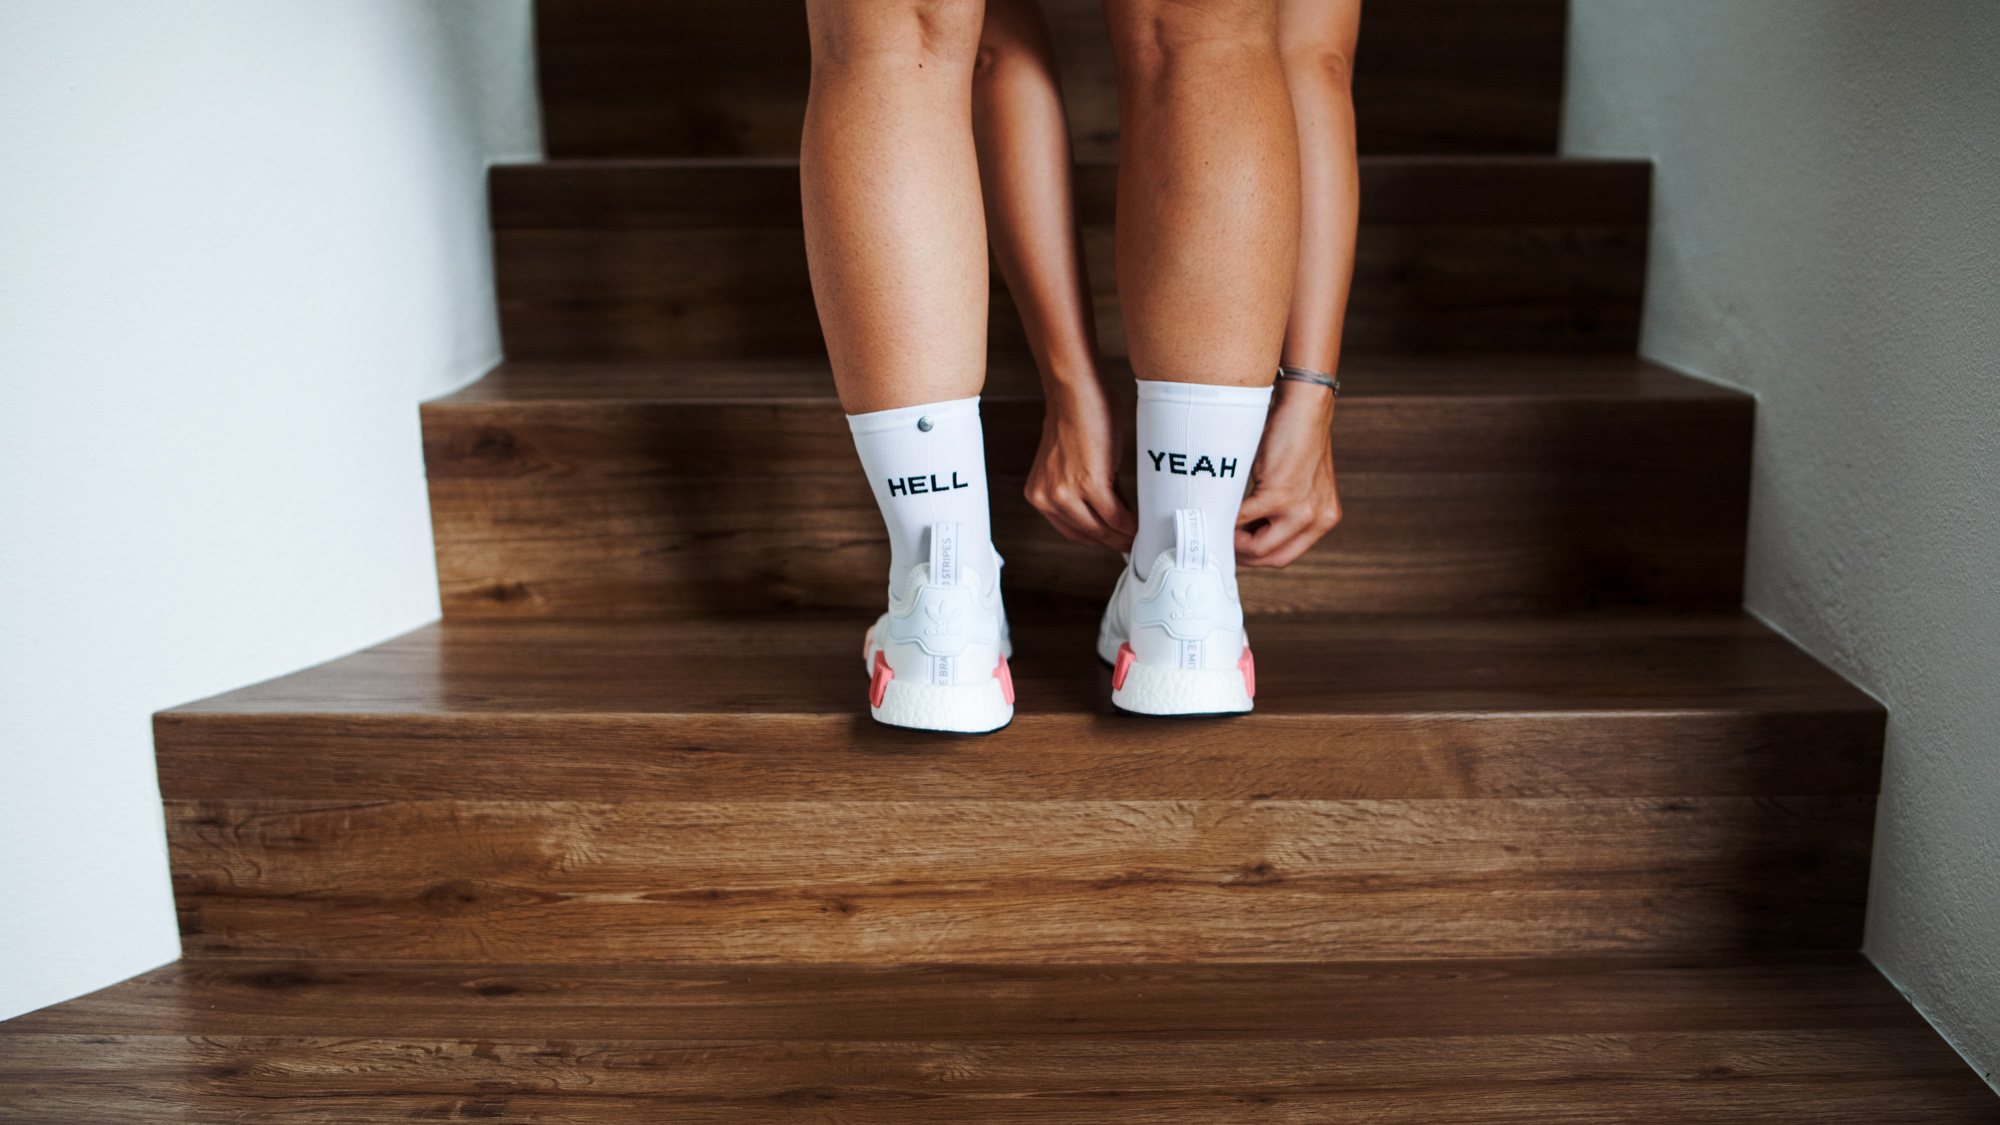 Fingerscrossed, Design, Socken, Sockdoping, München, Munich, Design, Susanne Haller, Patrick Lay, Rennradblog, Interview, Socken Design,